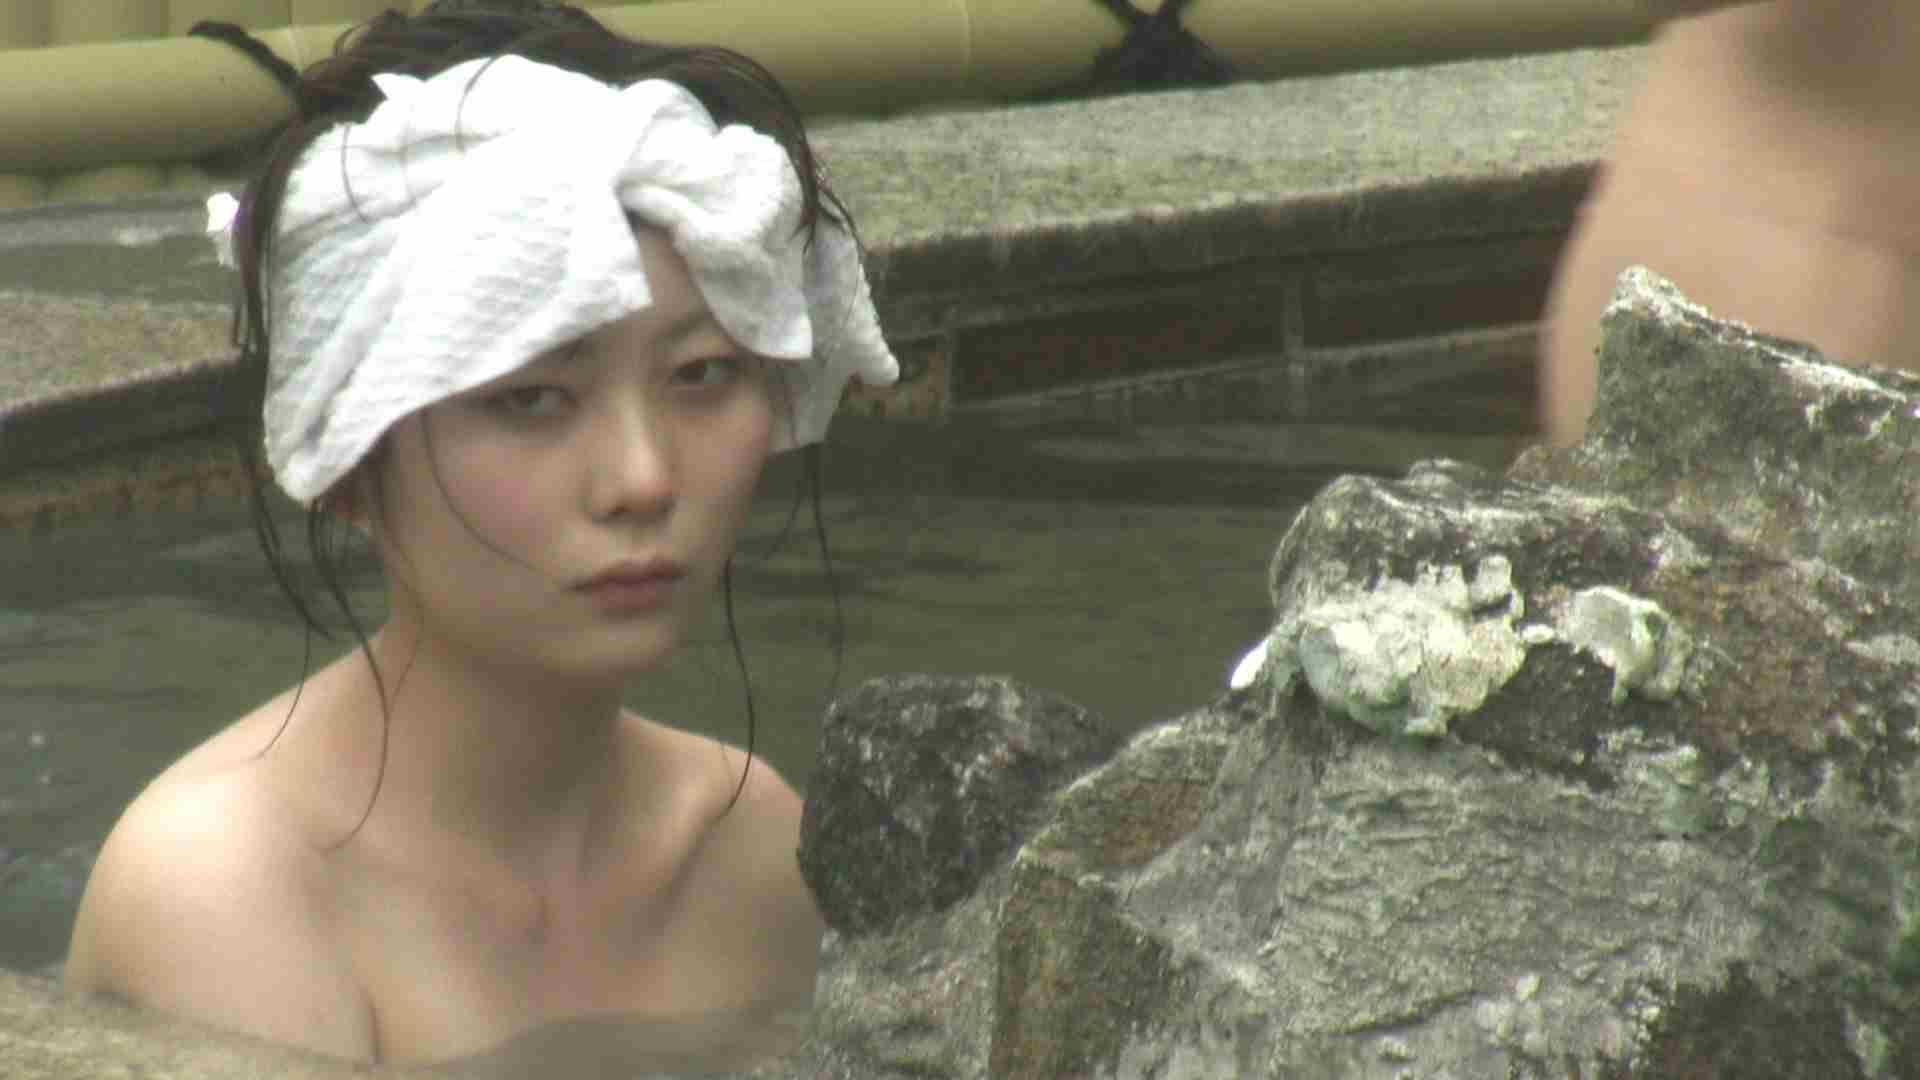 Aquaな露天風呂Vol.147 盗撮シリーズ  80PIX 24